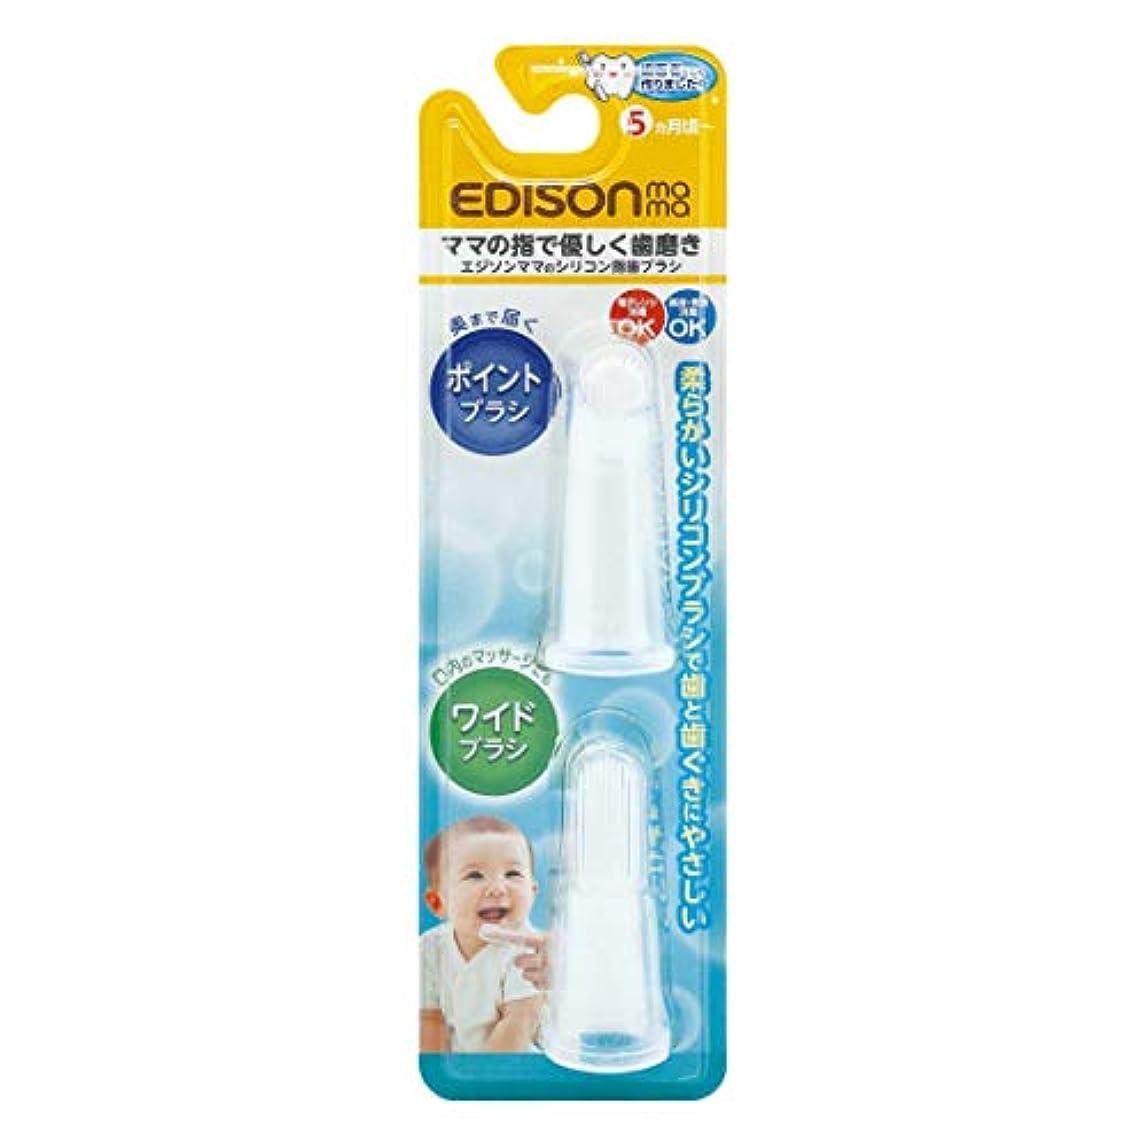 吐くリーチキャストKJC エジソンママ (EDISONmama) シリコン指歯ブラシ 5ヶ月頃から対象